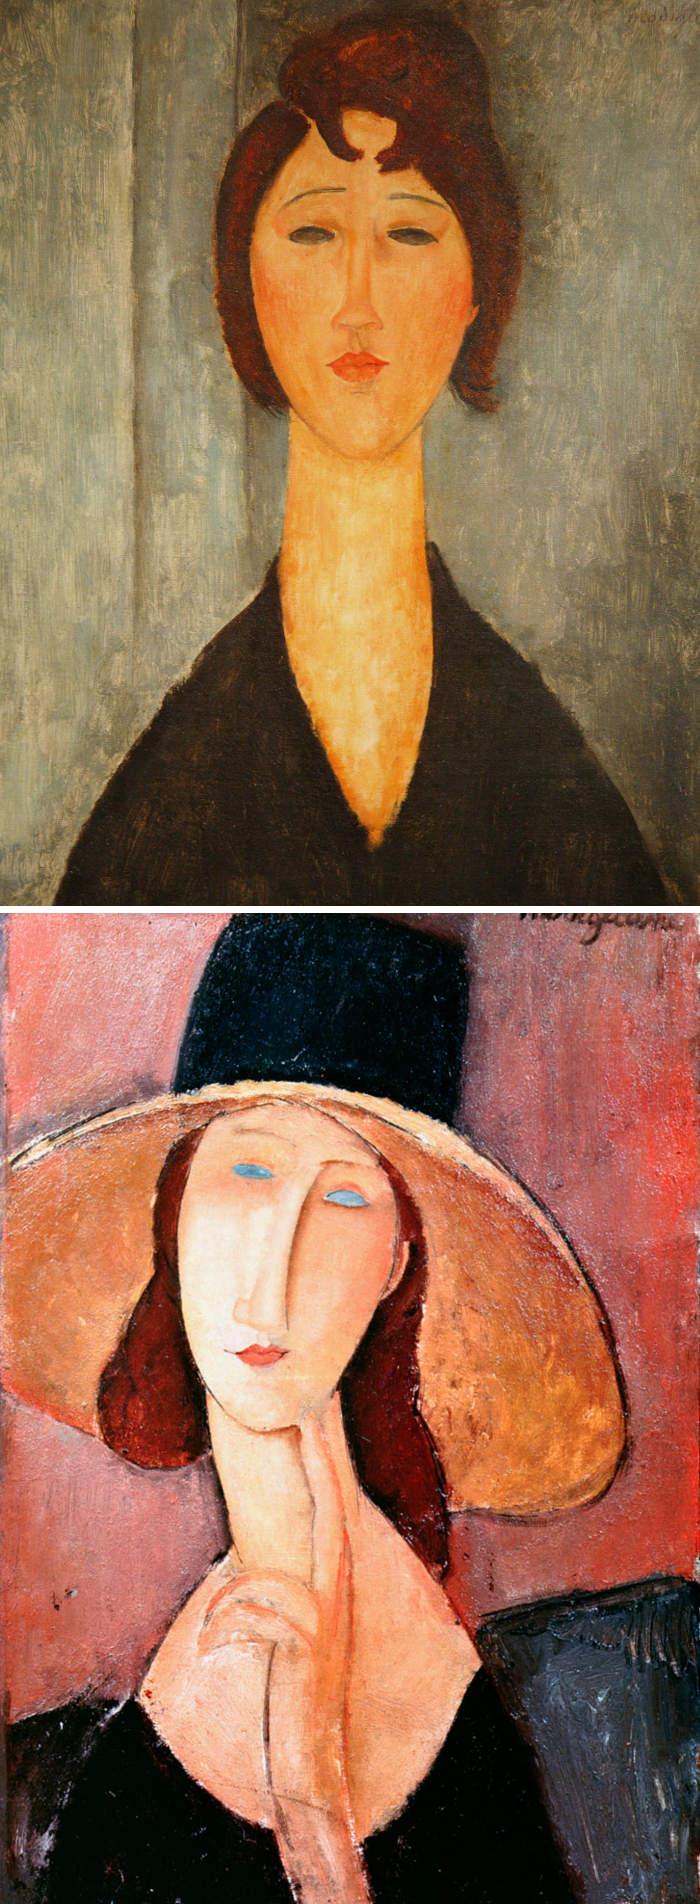 Come riconoscere artisti famosi dai loro quadri, Amedeo Modigliani